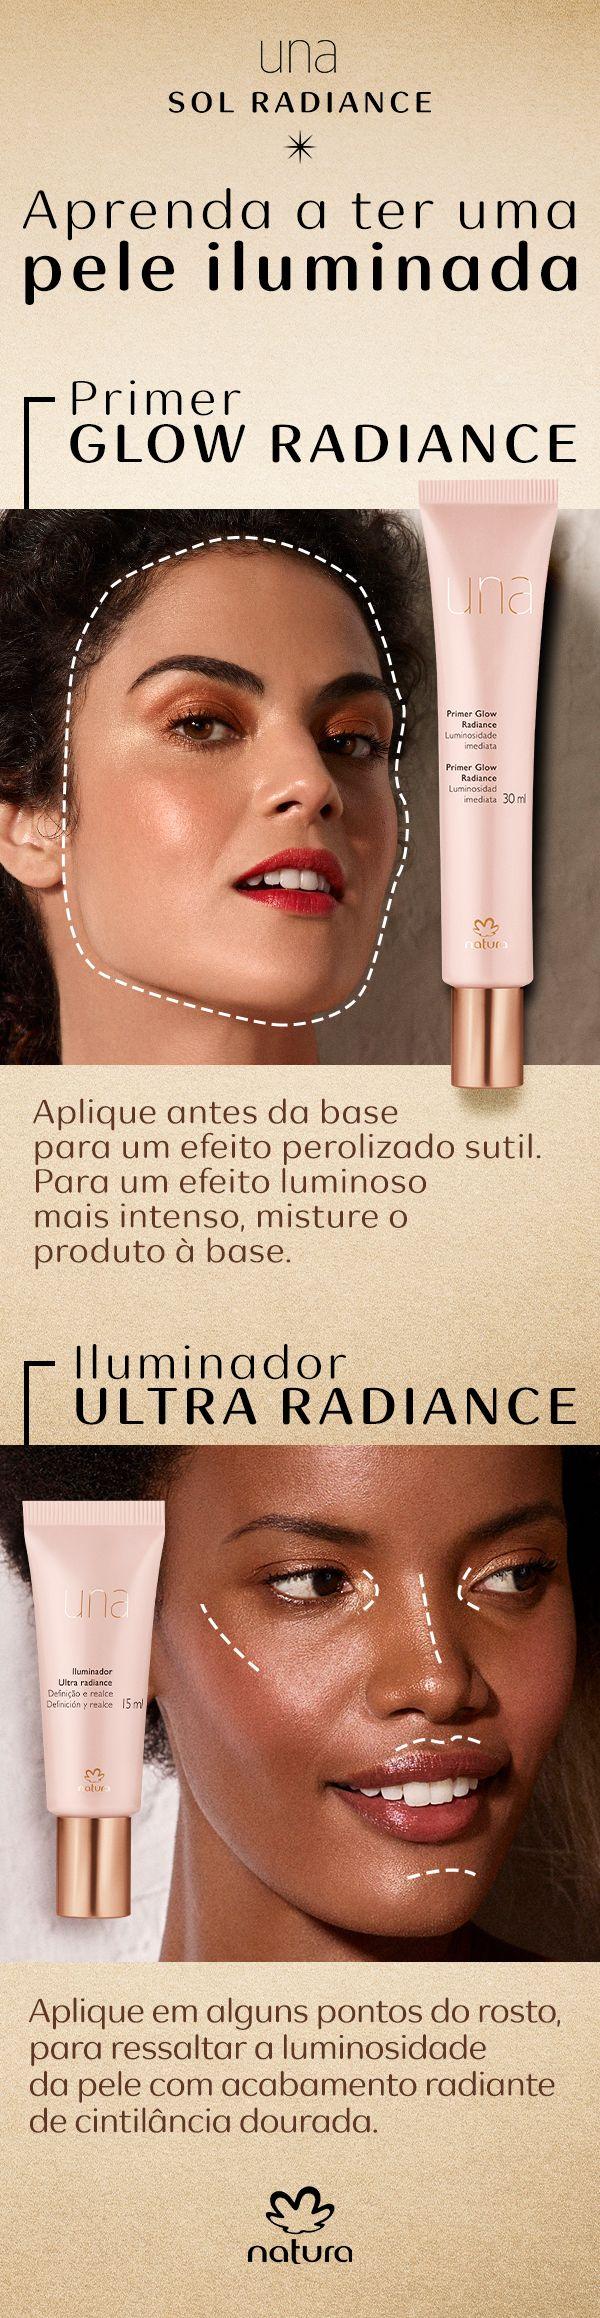 Como usar o primer Glow Radiance e o iluminador Ultra Radiance de Natura Una